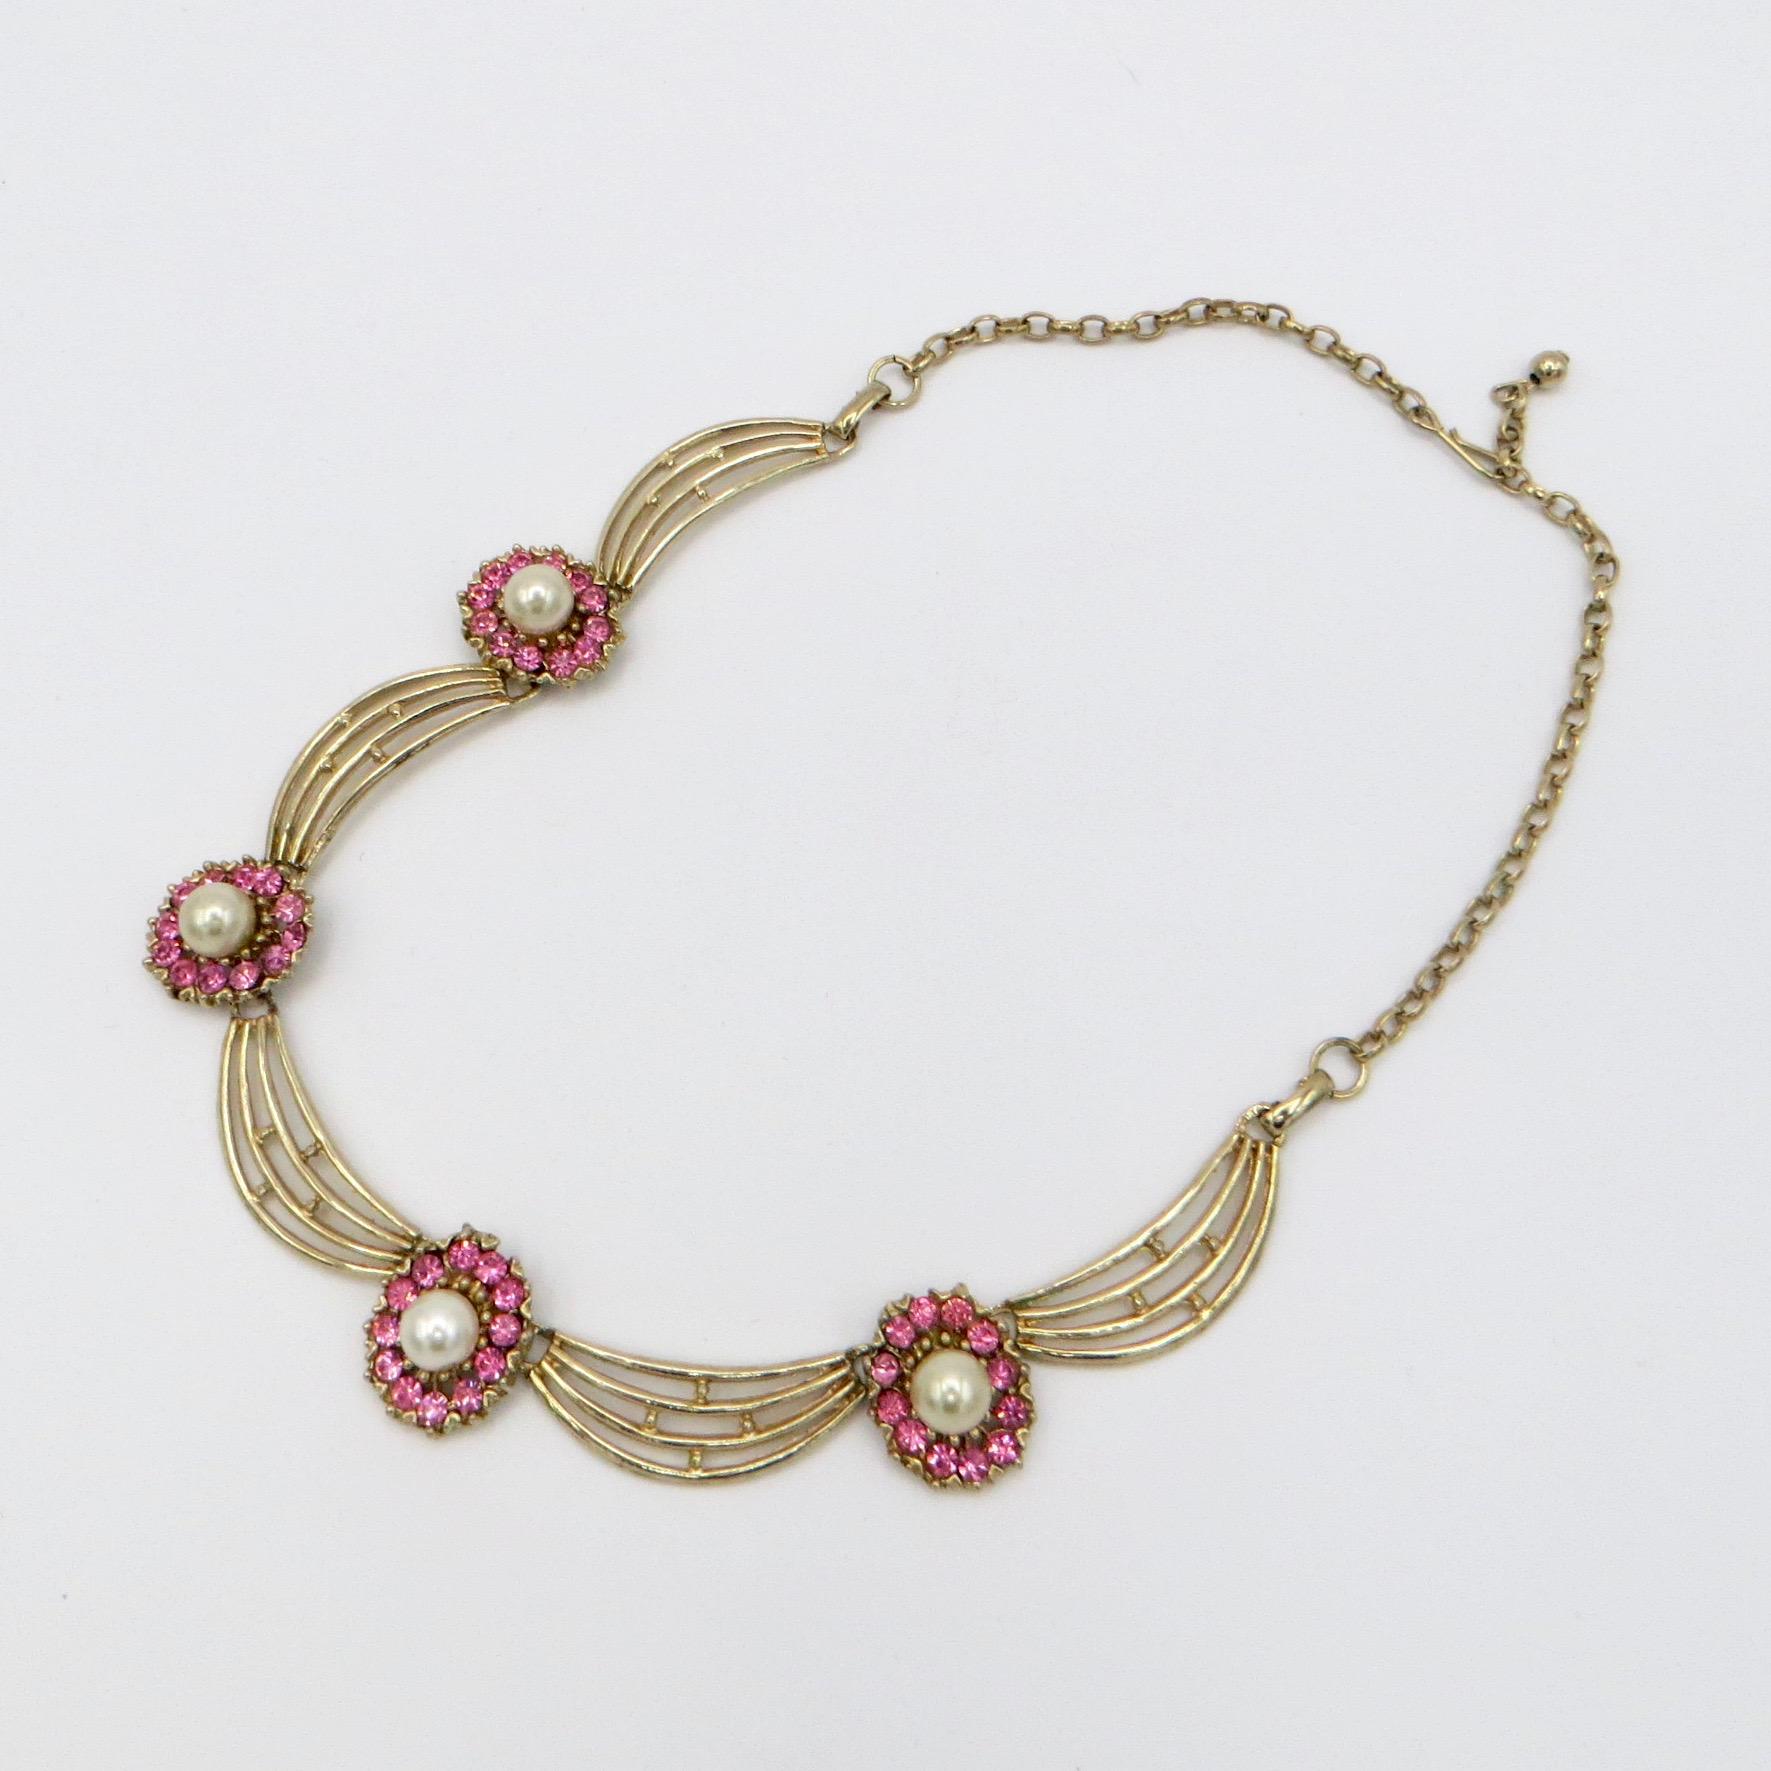 Pink & Goldtone Swag Necklace